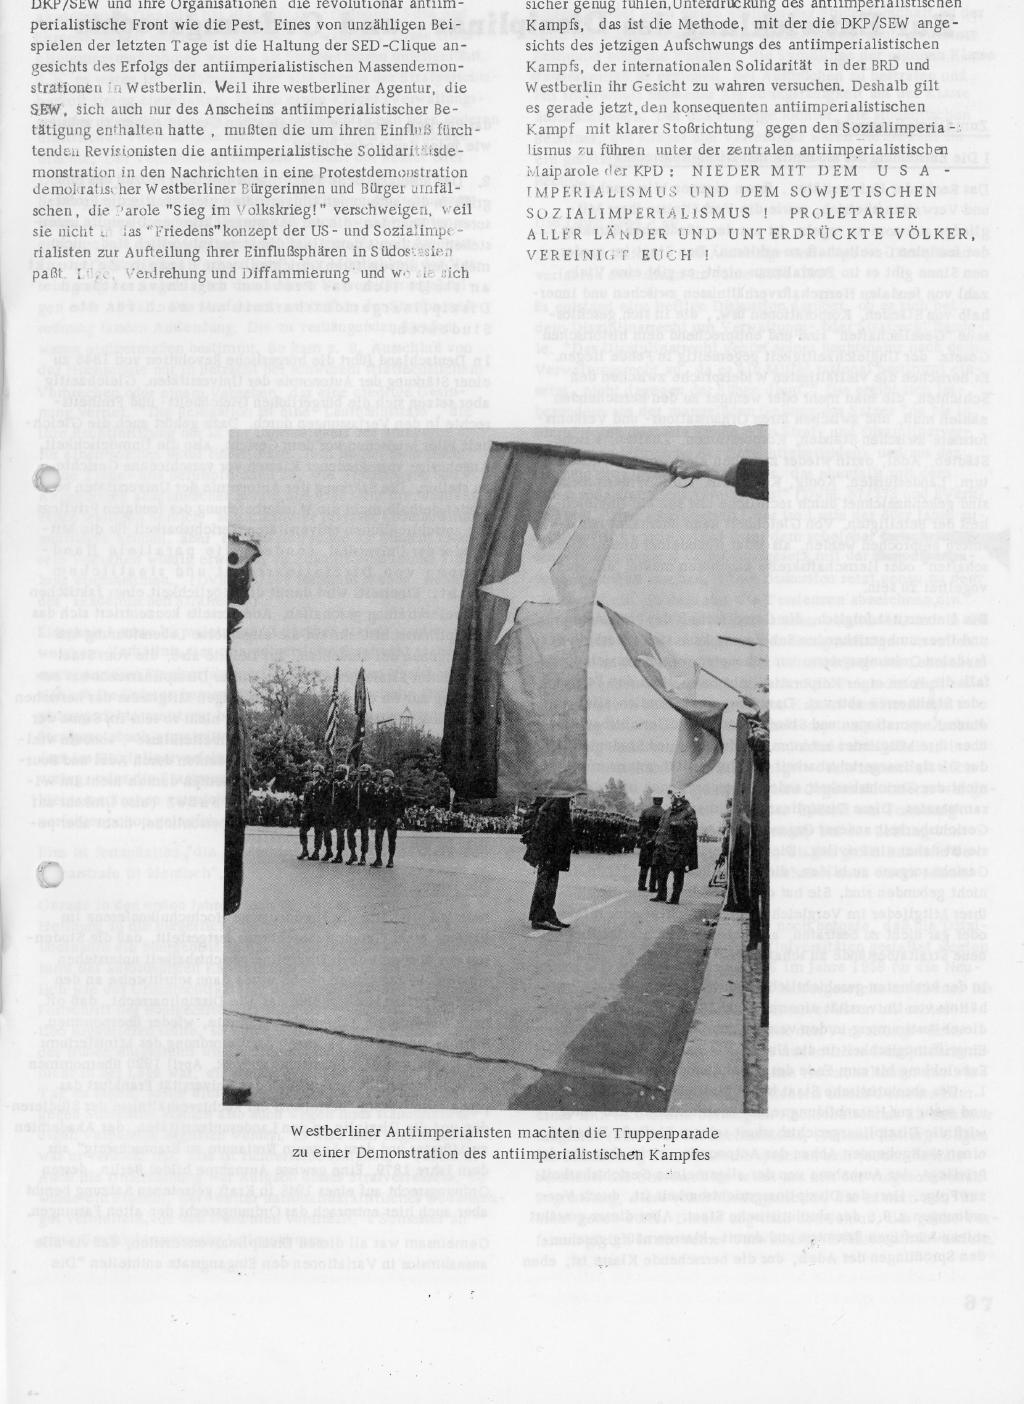 RPK_1972_168_05